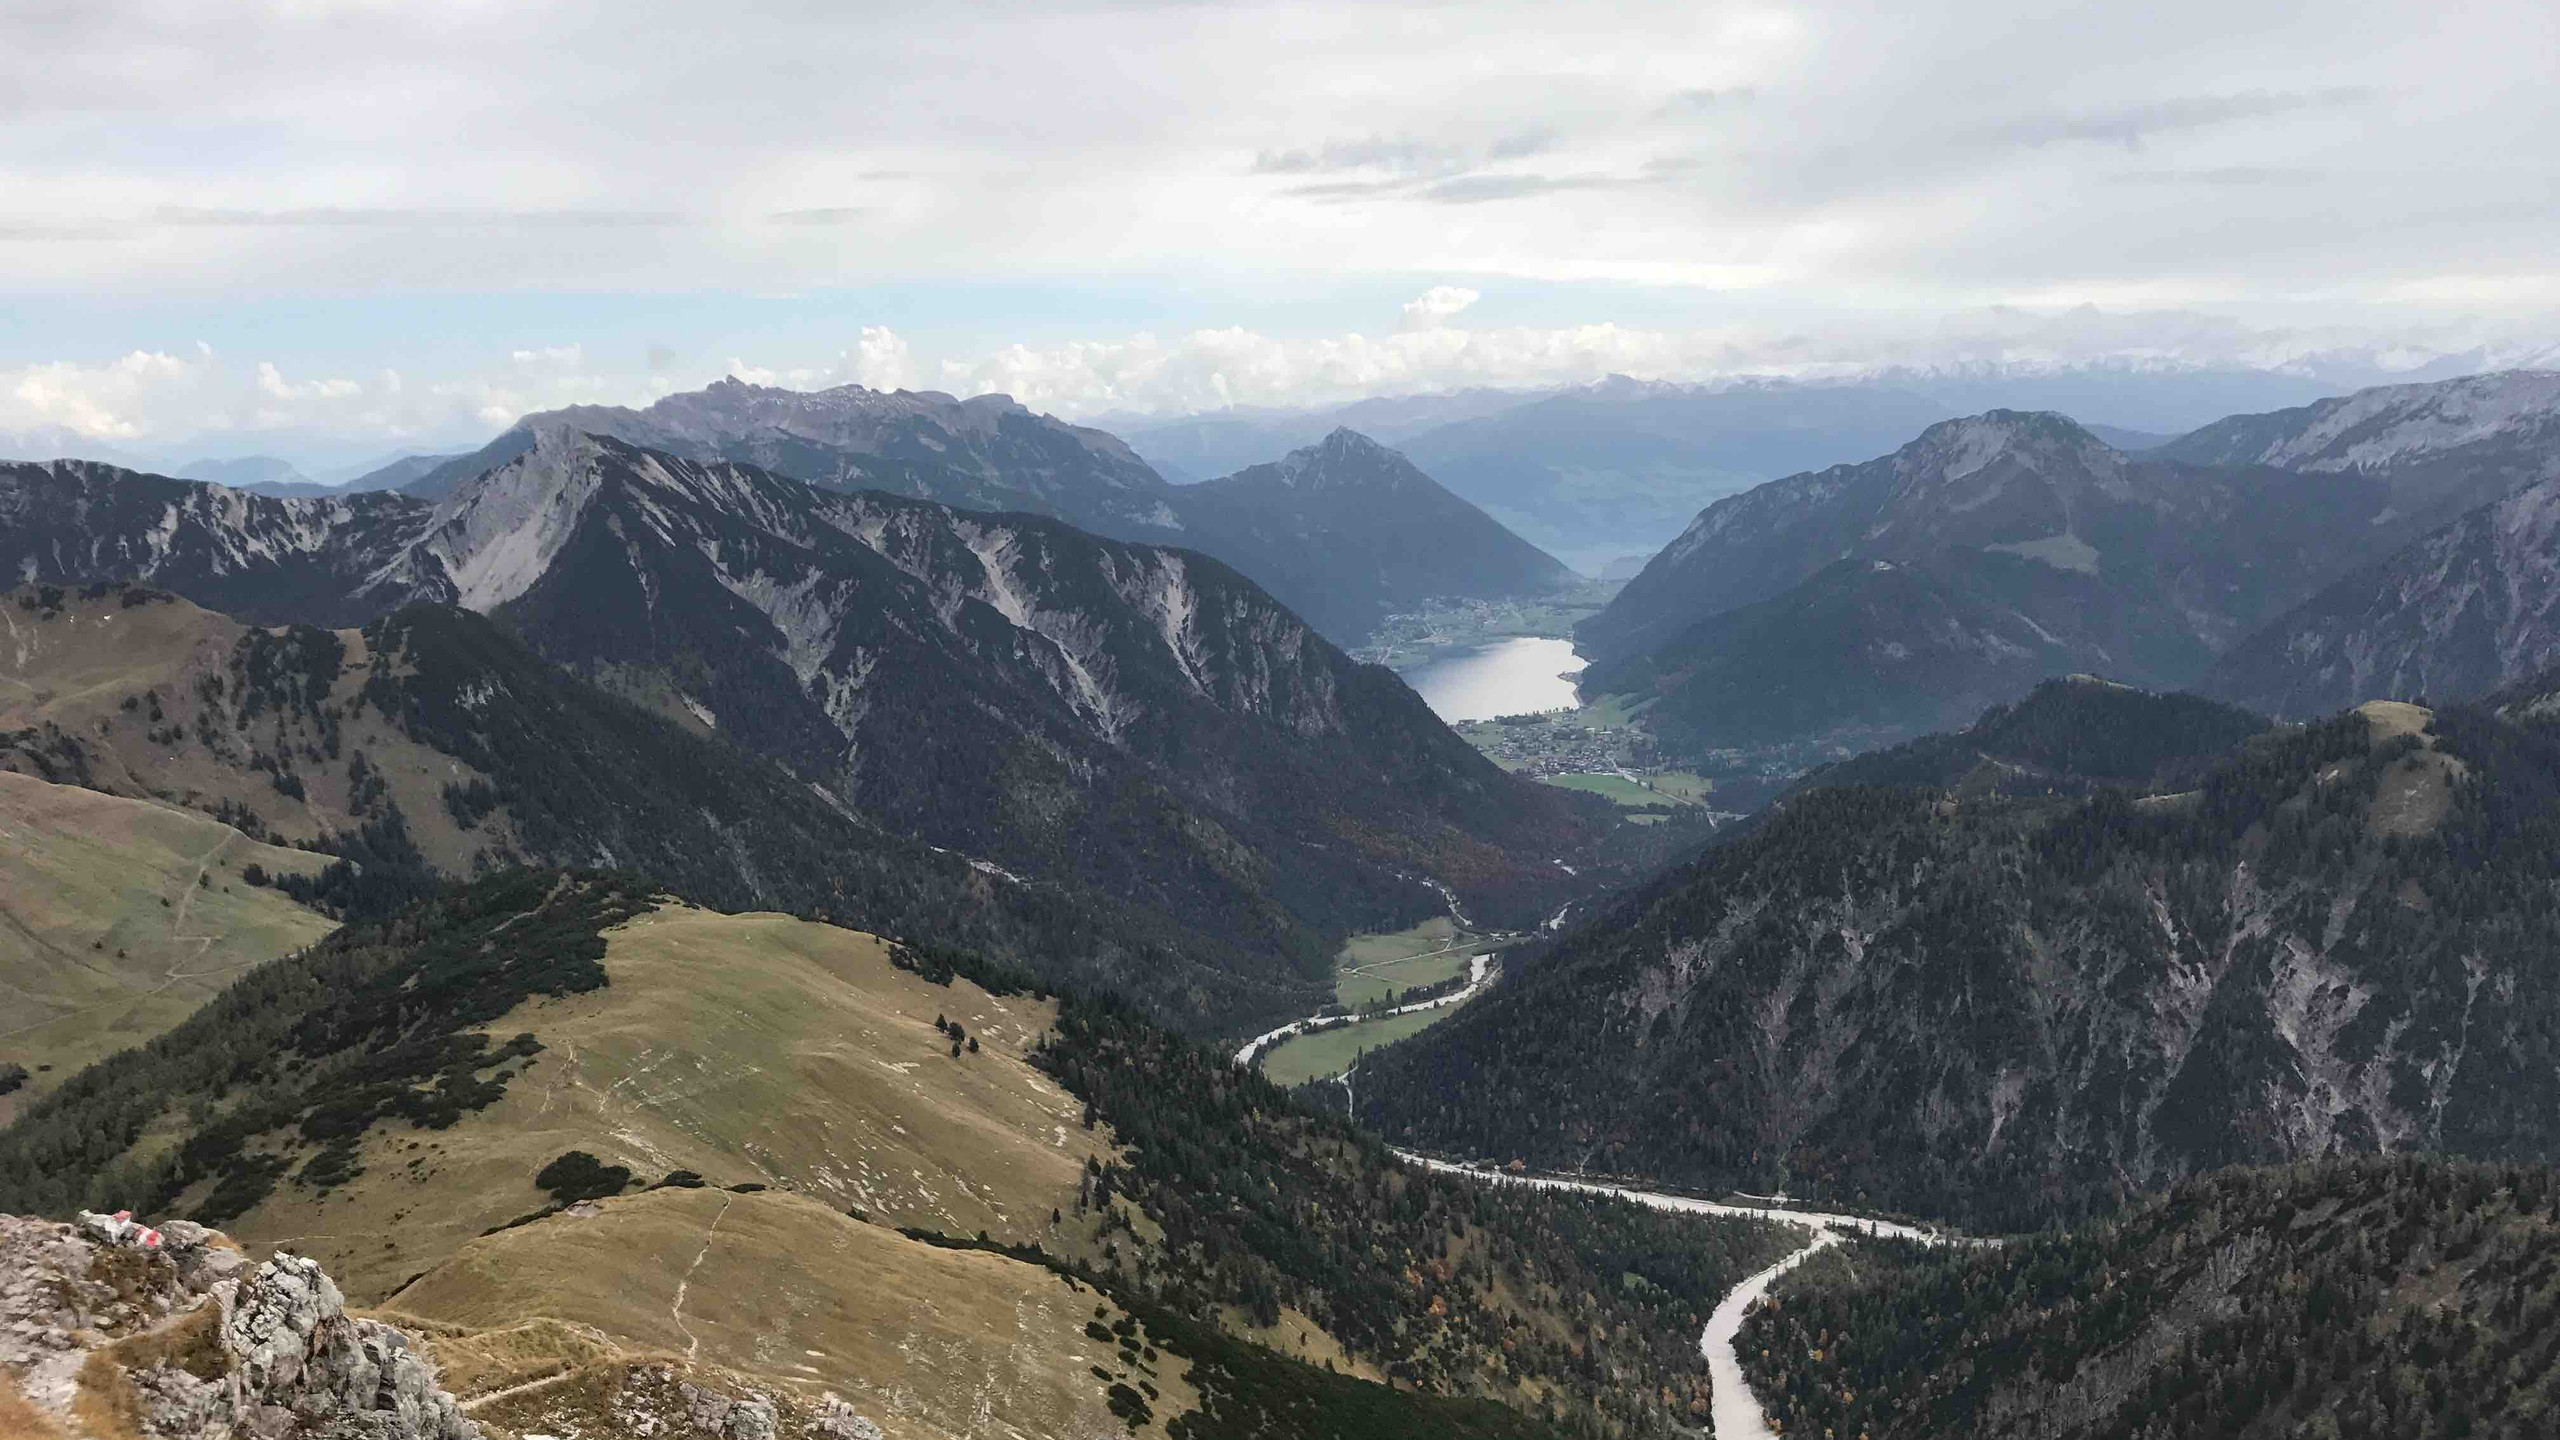 Blick in die Ferne zum Achensee, Bergtour Achensee